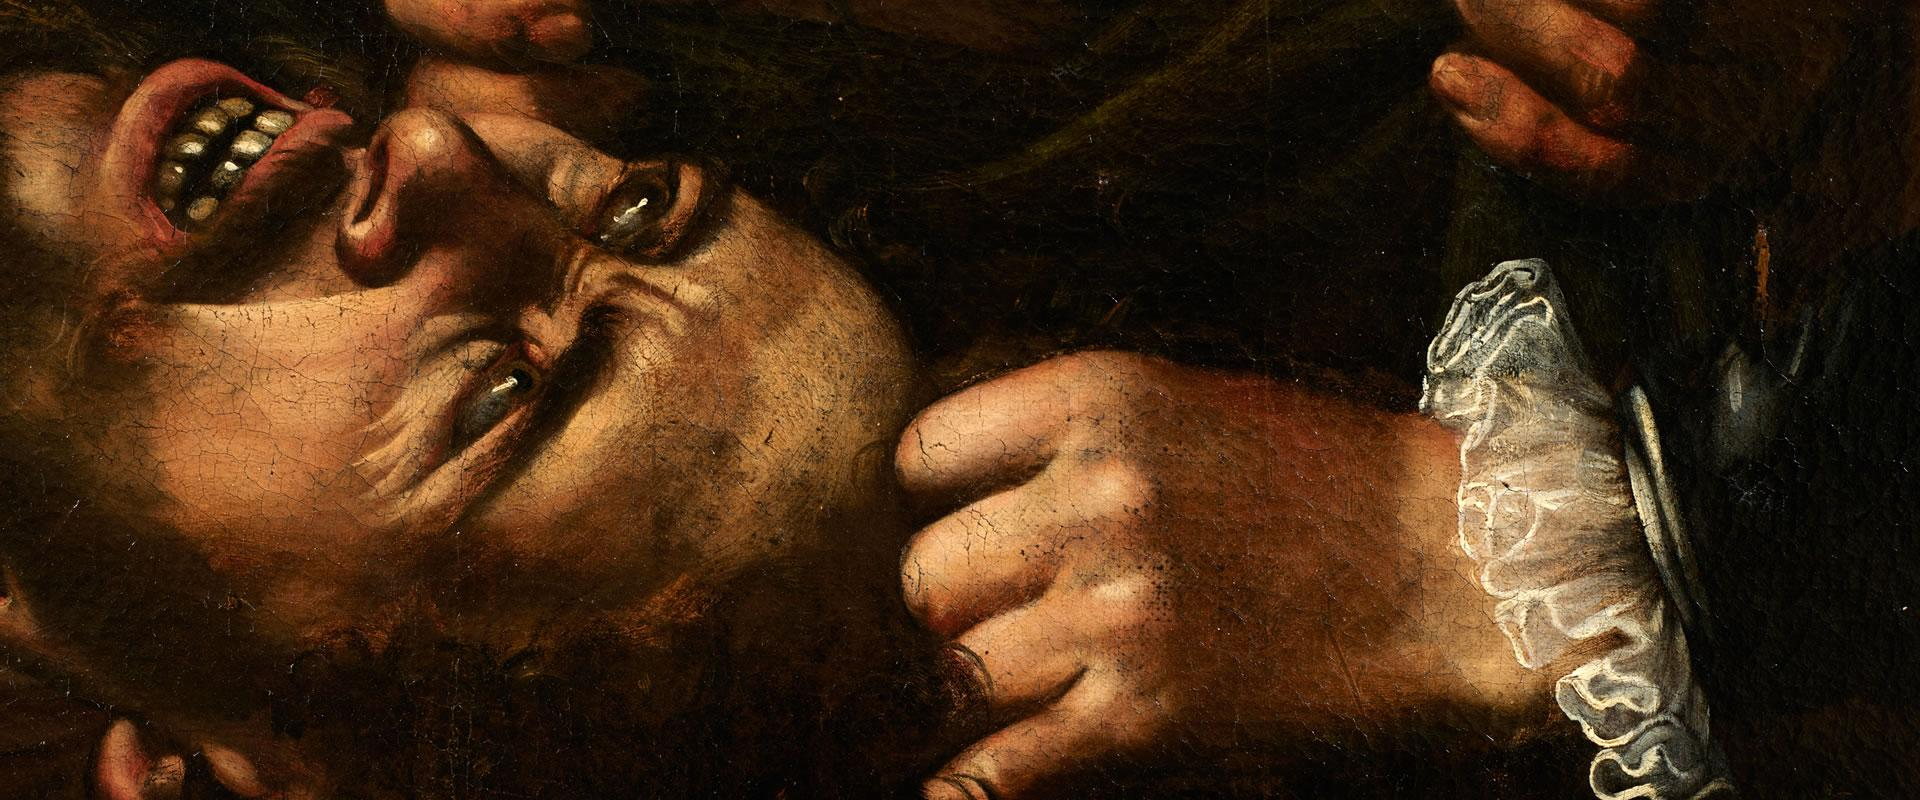 El Caravaggio - Judith y Holofernes